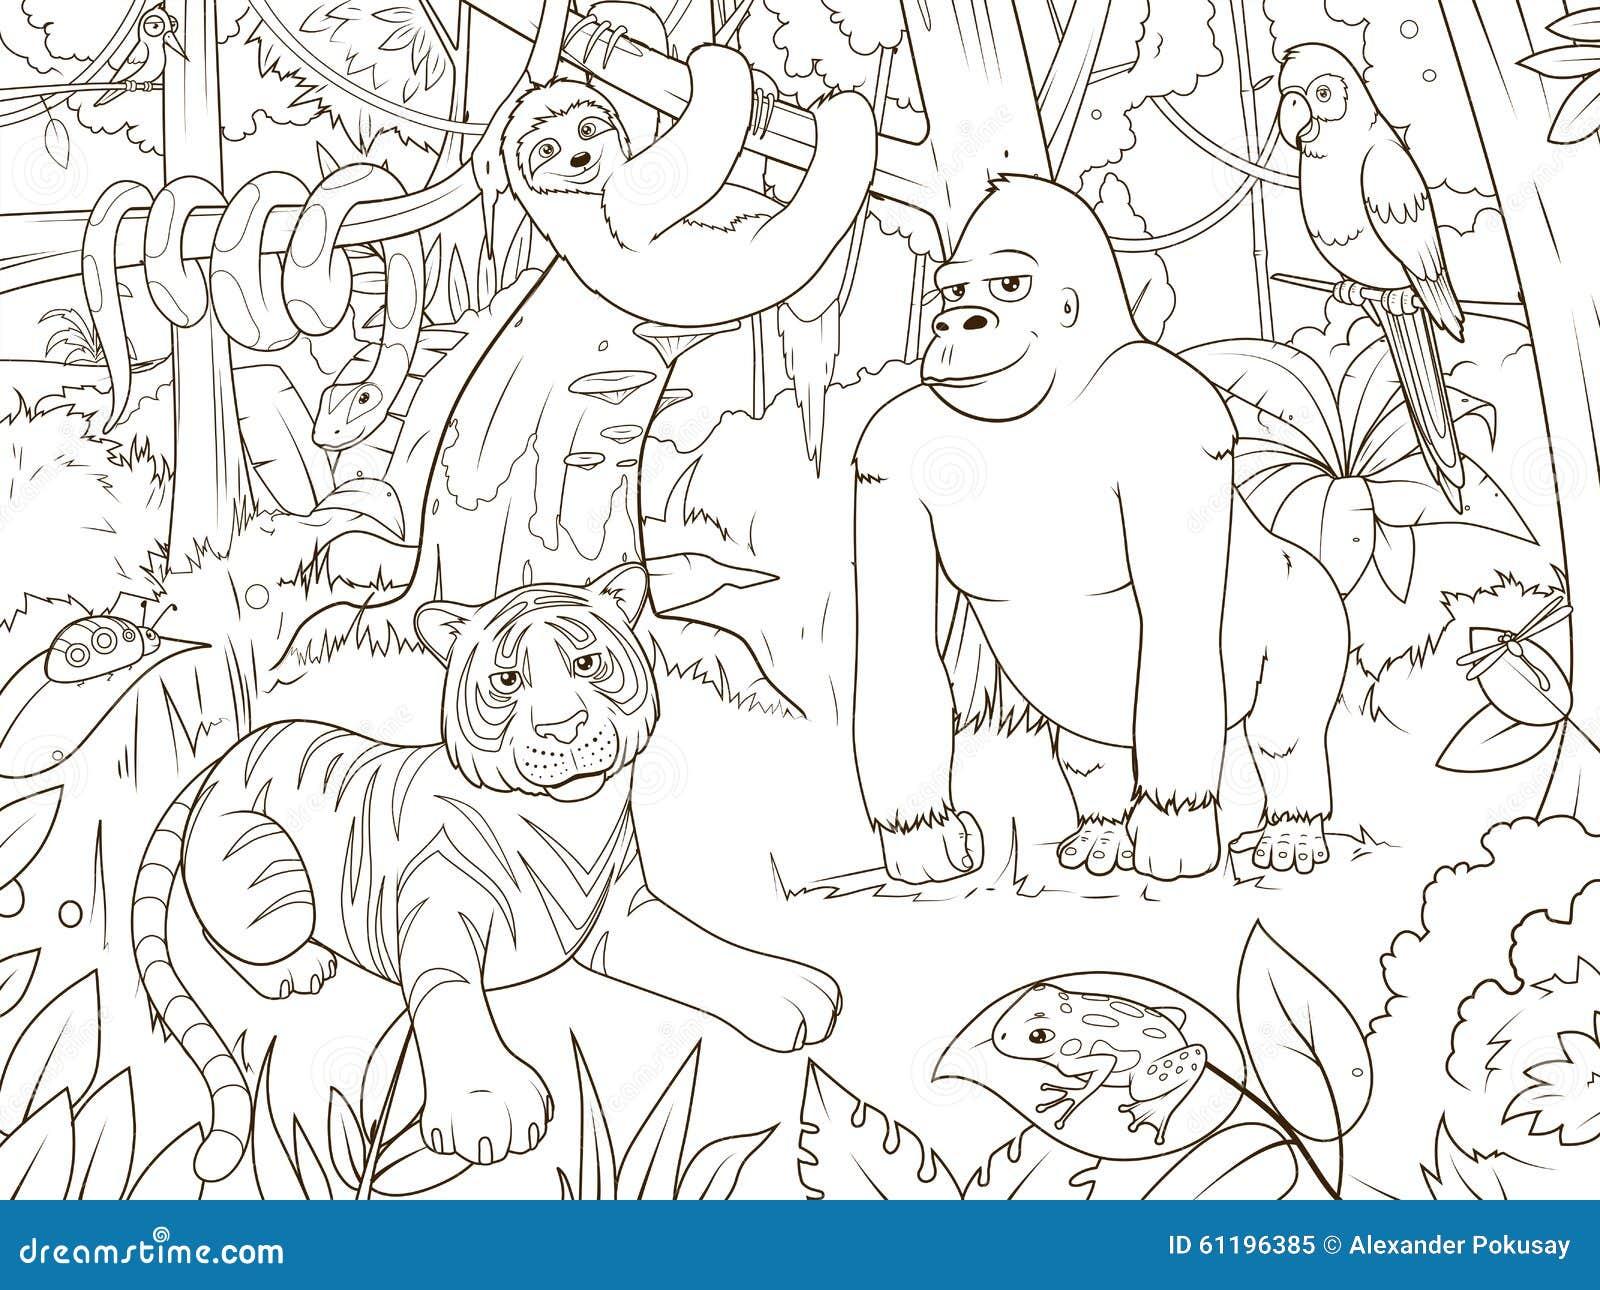 Vecteur De Livre De Coloriage De Bande Dessinee D Animaux De Jungle Illustration De Vecteur Illustration Du Coloriage Dessinee 61196385